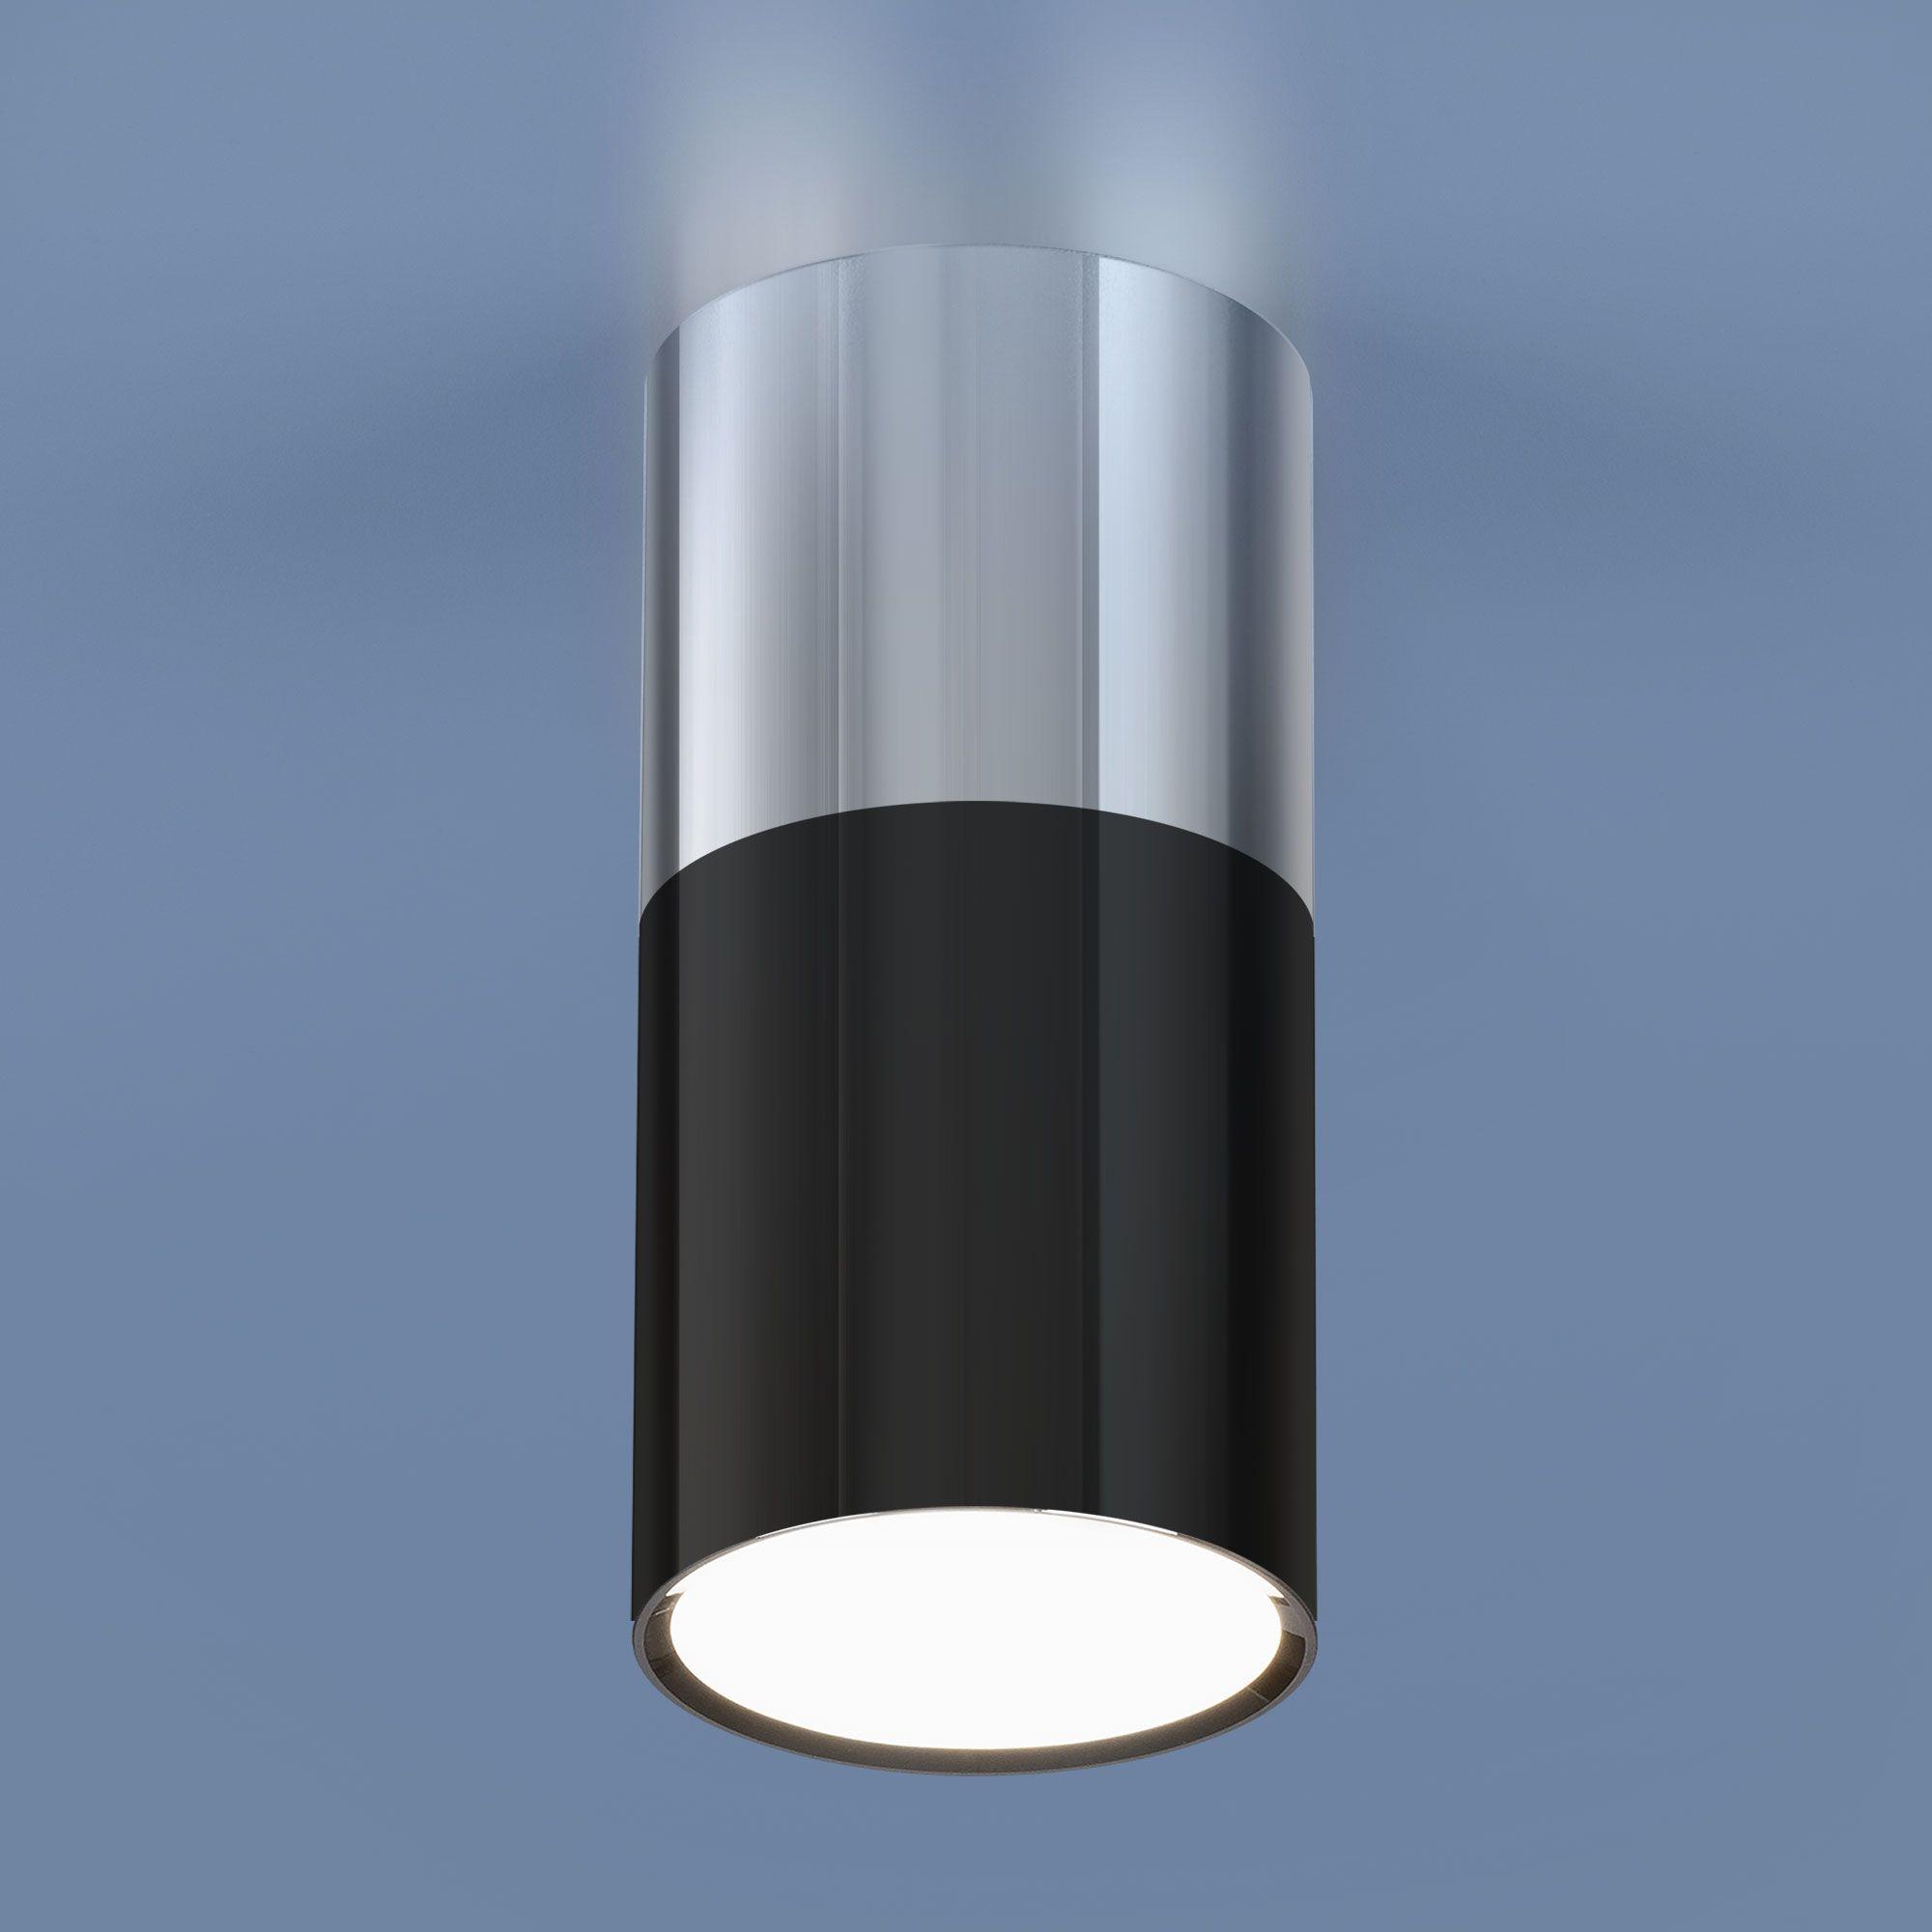 Накладной светодиодный светильник DLR028 6W 4200K хром/черный хром